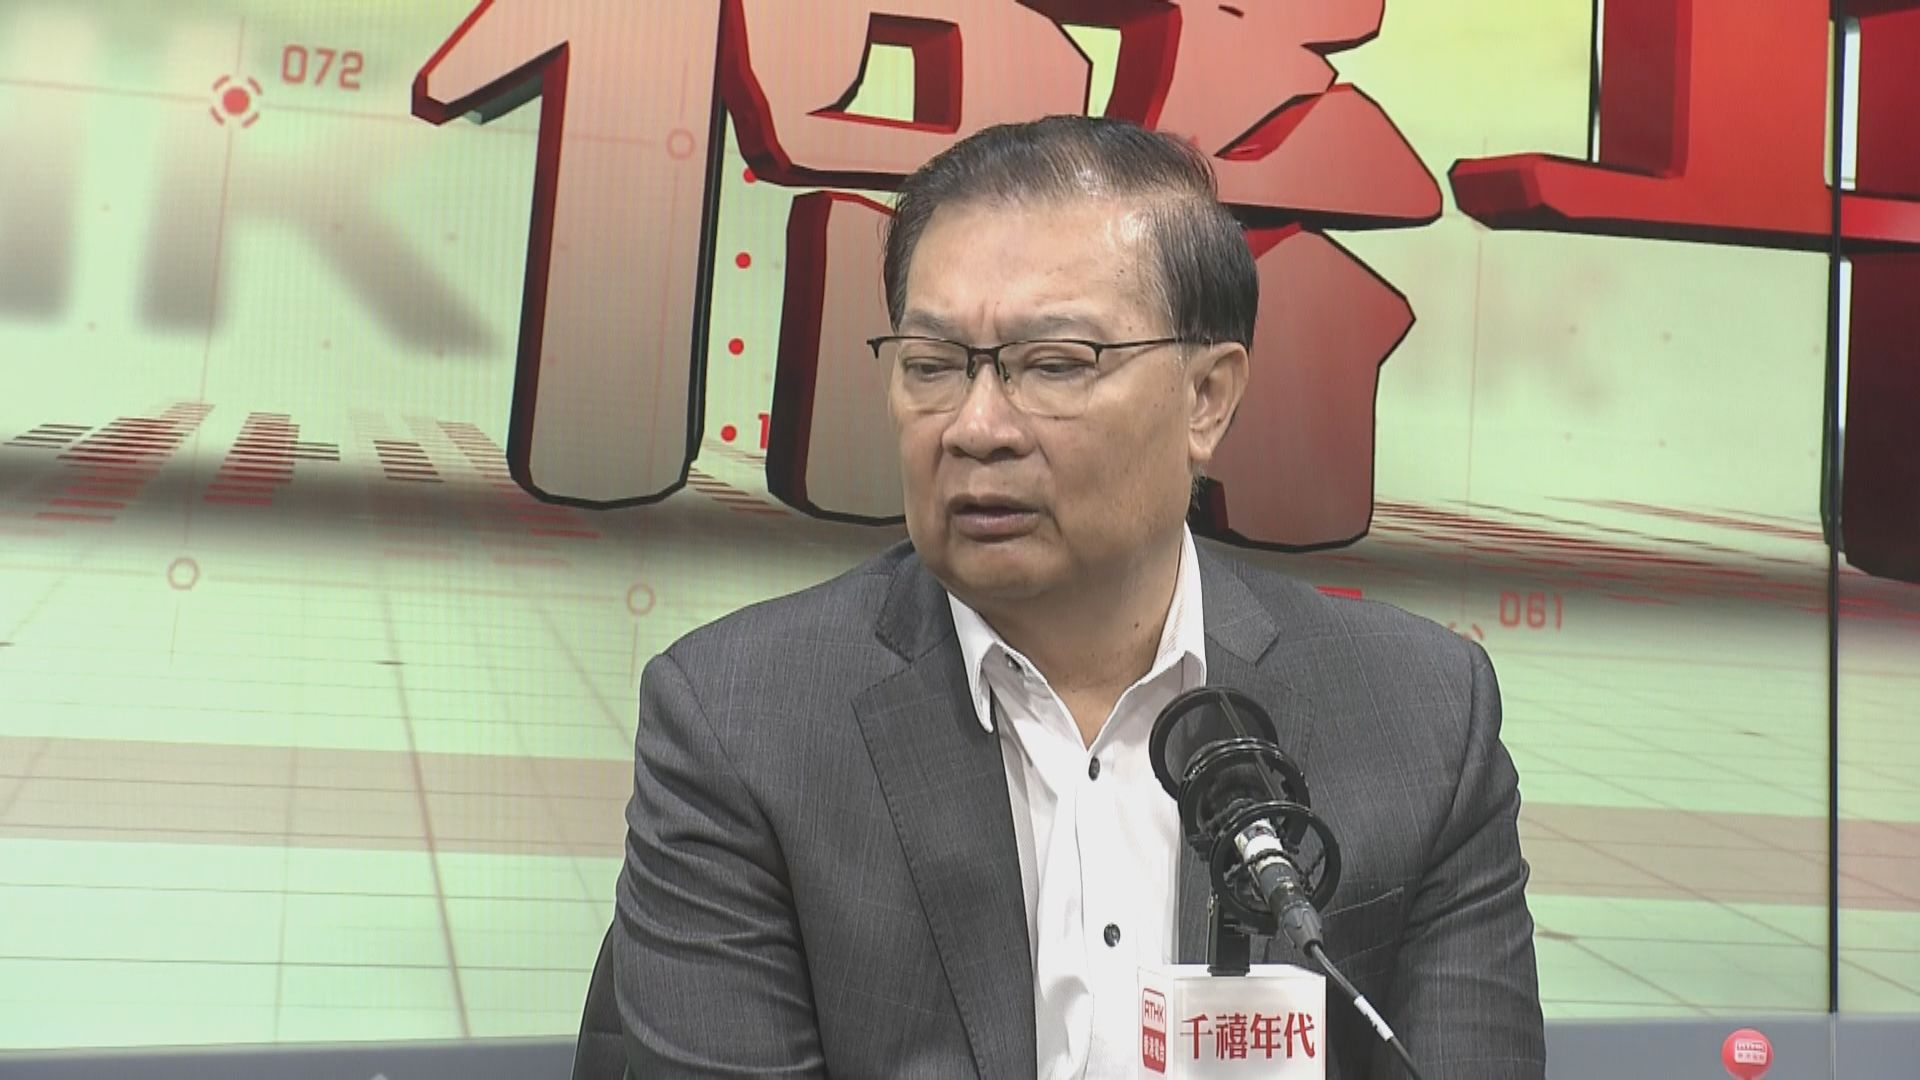 譚耀宗:有人為示威者辯護助長暴力行為